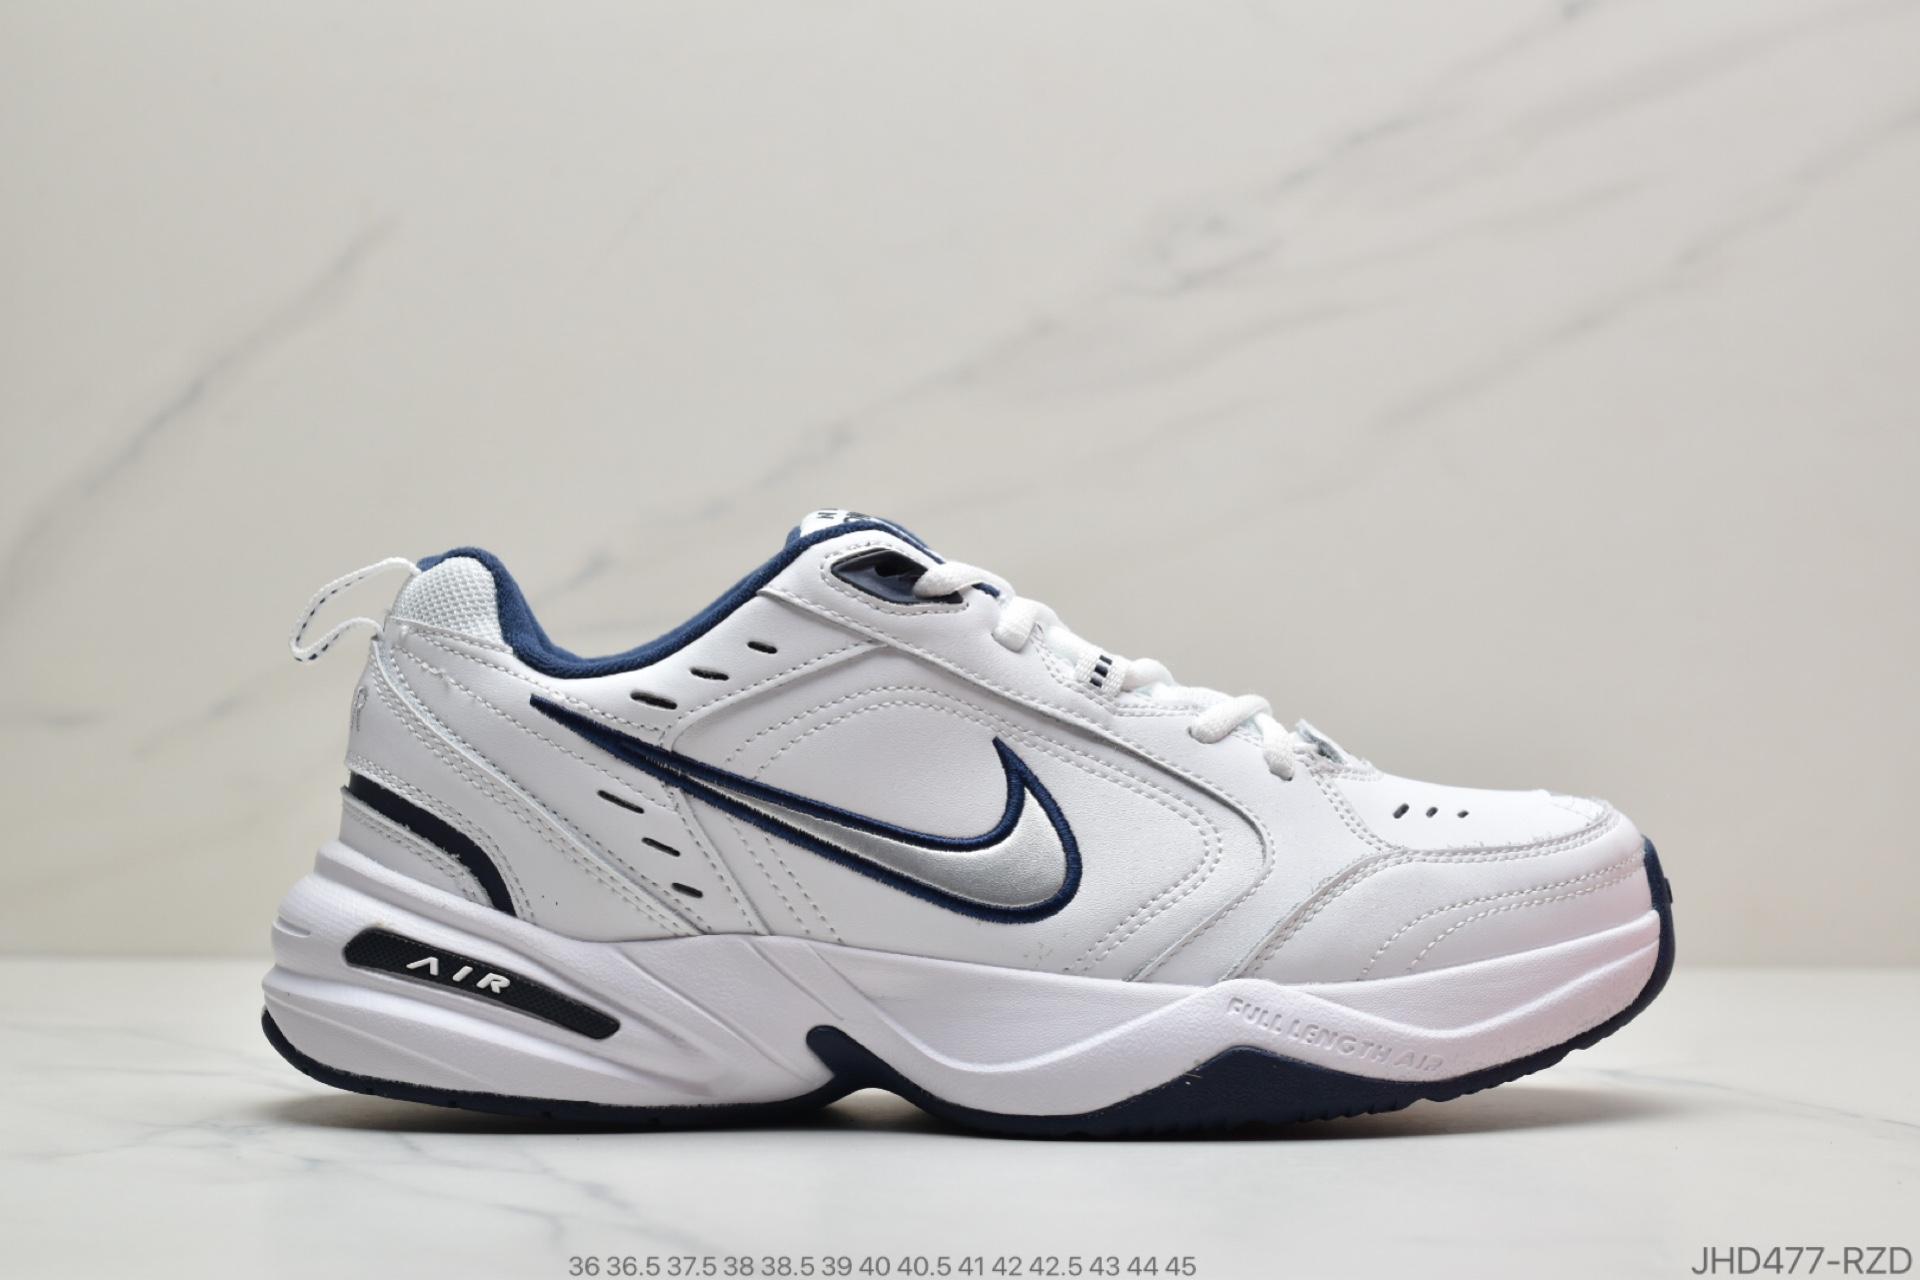 跑鞋, 老爹鞋, 慢跑鞋, 复古老爹鞋, Nike Air, Monarch M2K, M2K